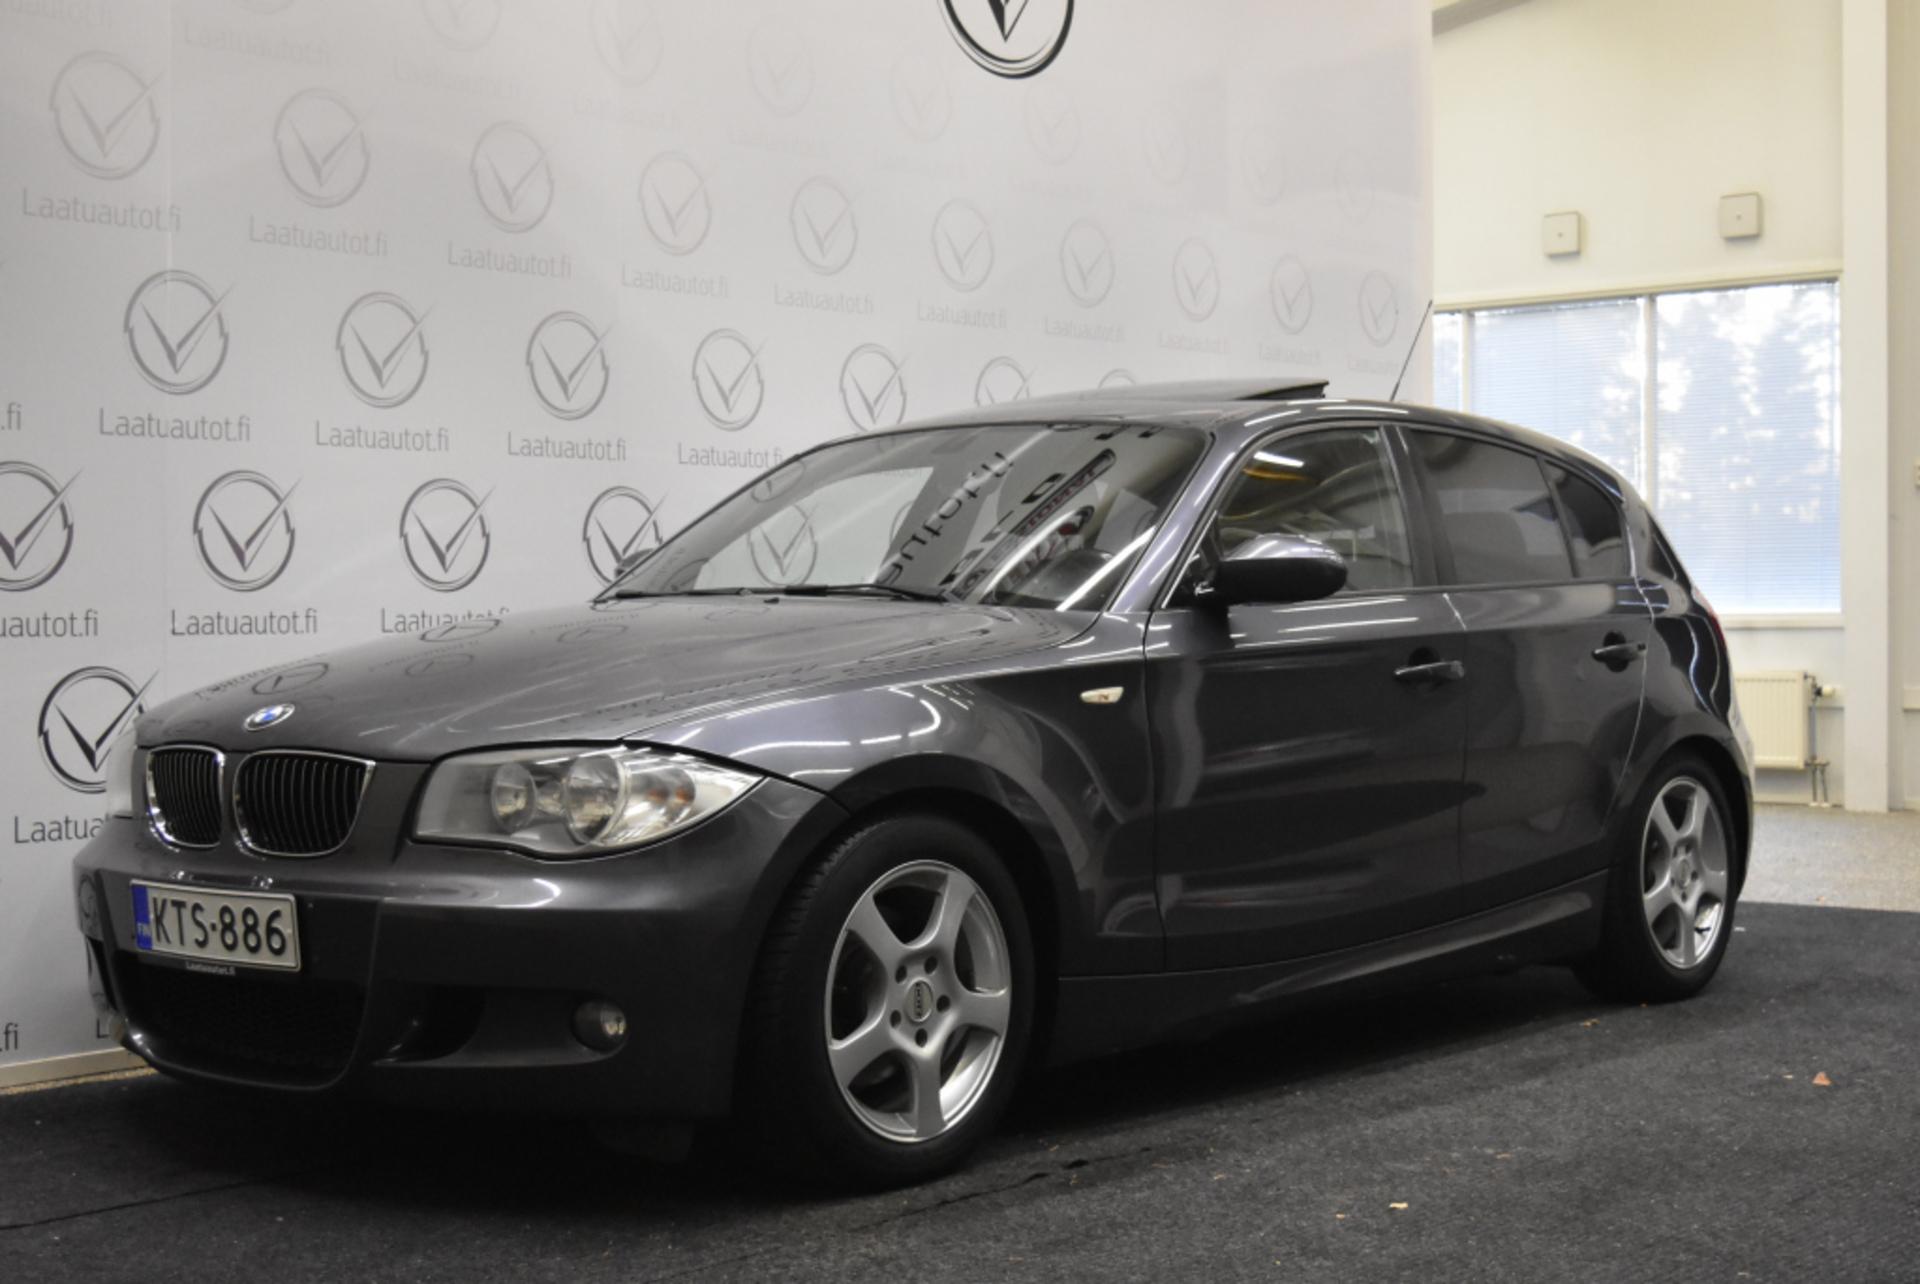 BMW 120 E87 M-Sport - Hieno alkuperäinen M-sport,  Korkotarjous 1, 99%+kulut,  jopa ilman käsirahaa